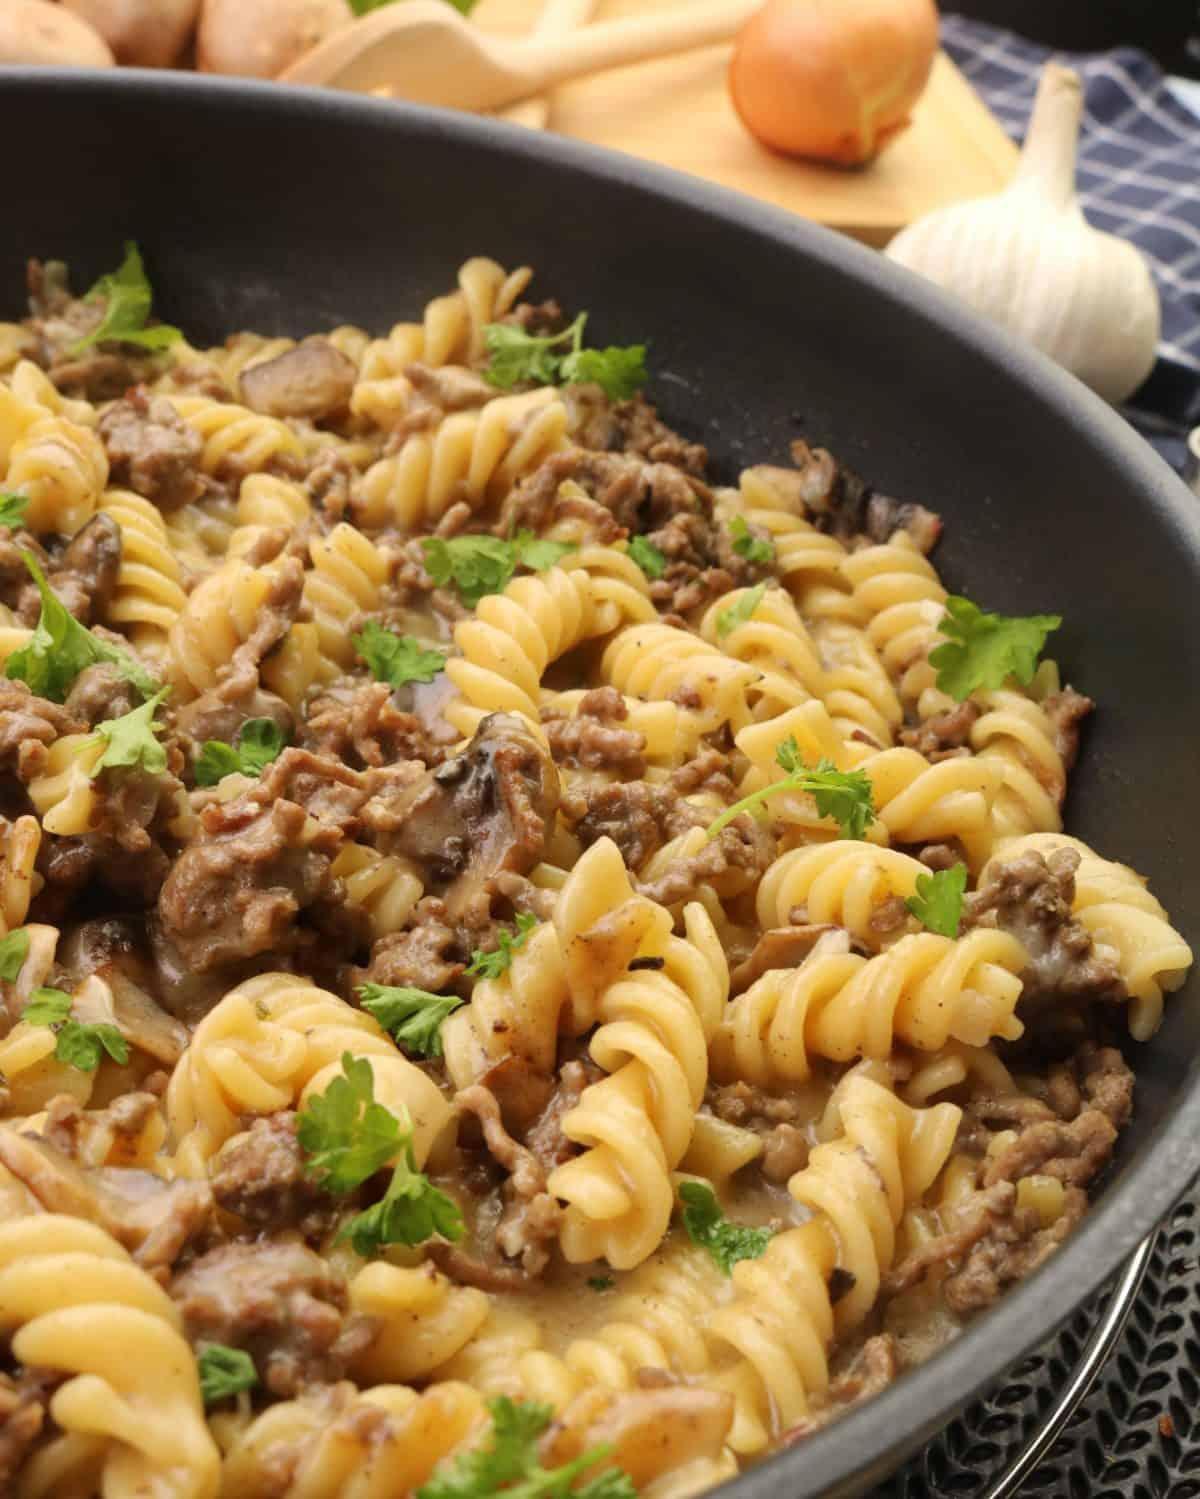 Eine Pfanne mit One Pot Pasta mit Hackfleisch und Champignons. Aussen herum Deko.